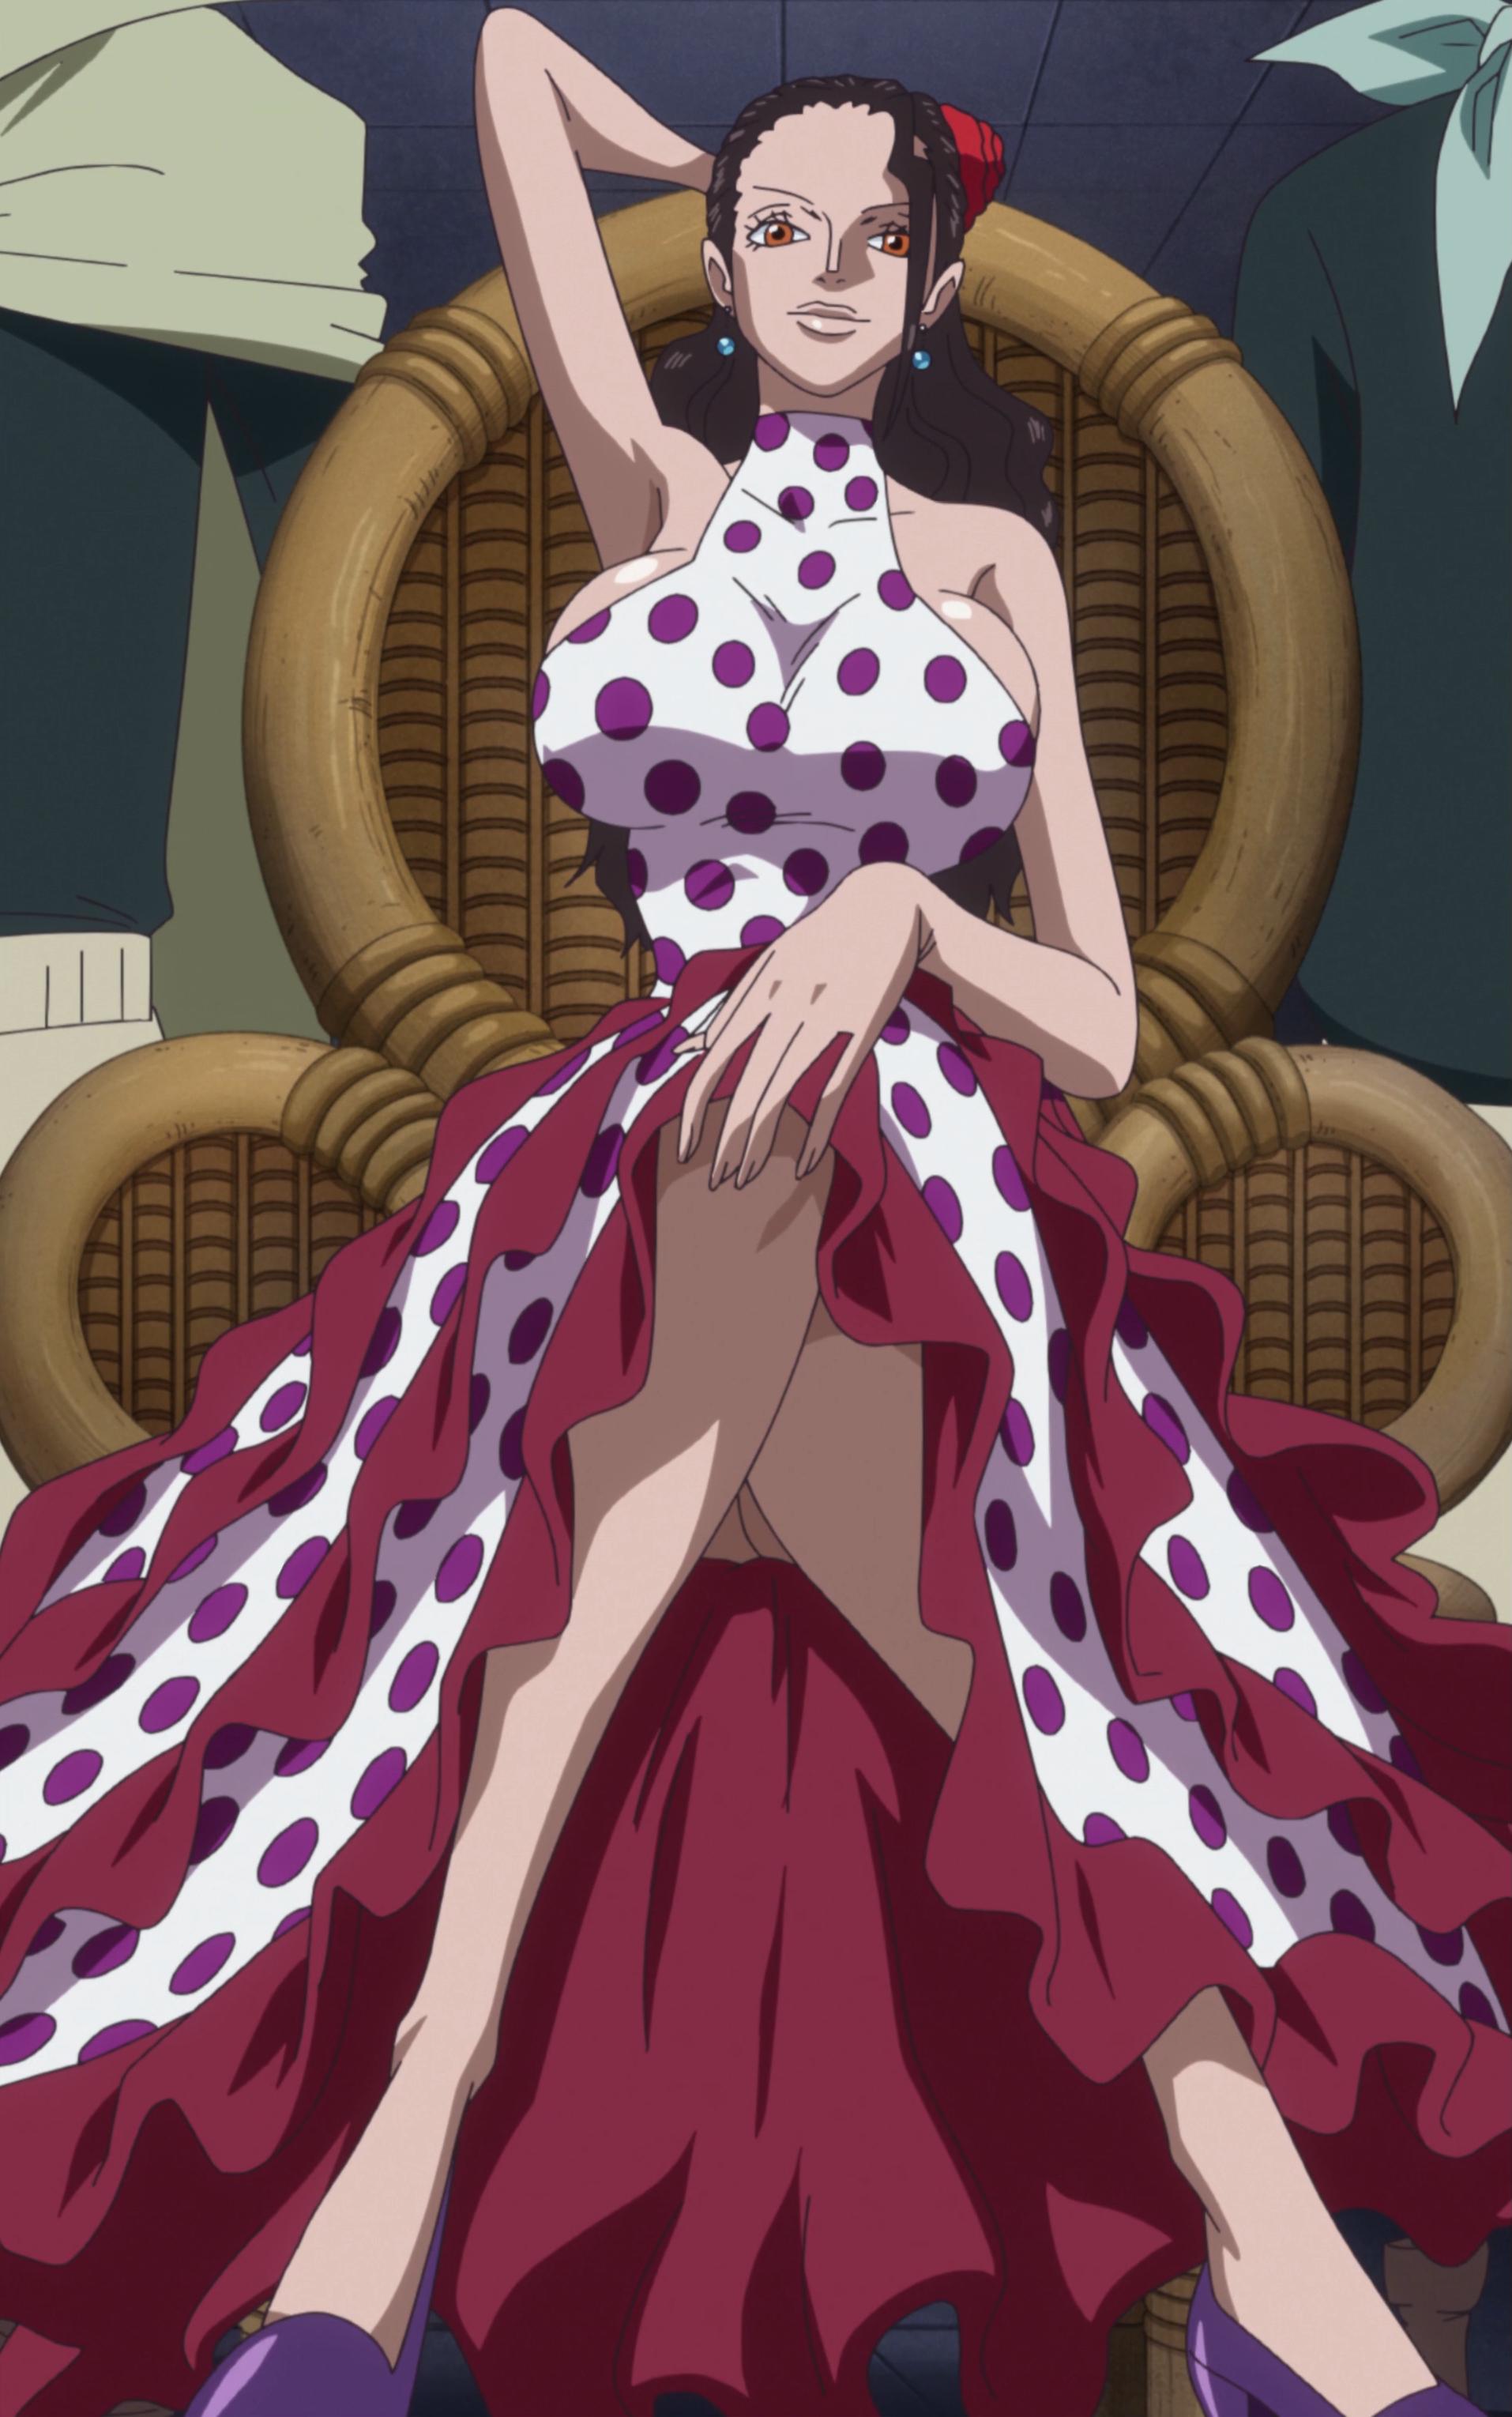 Viola   One Piece Wiki   FANDOM powered by Wikia